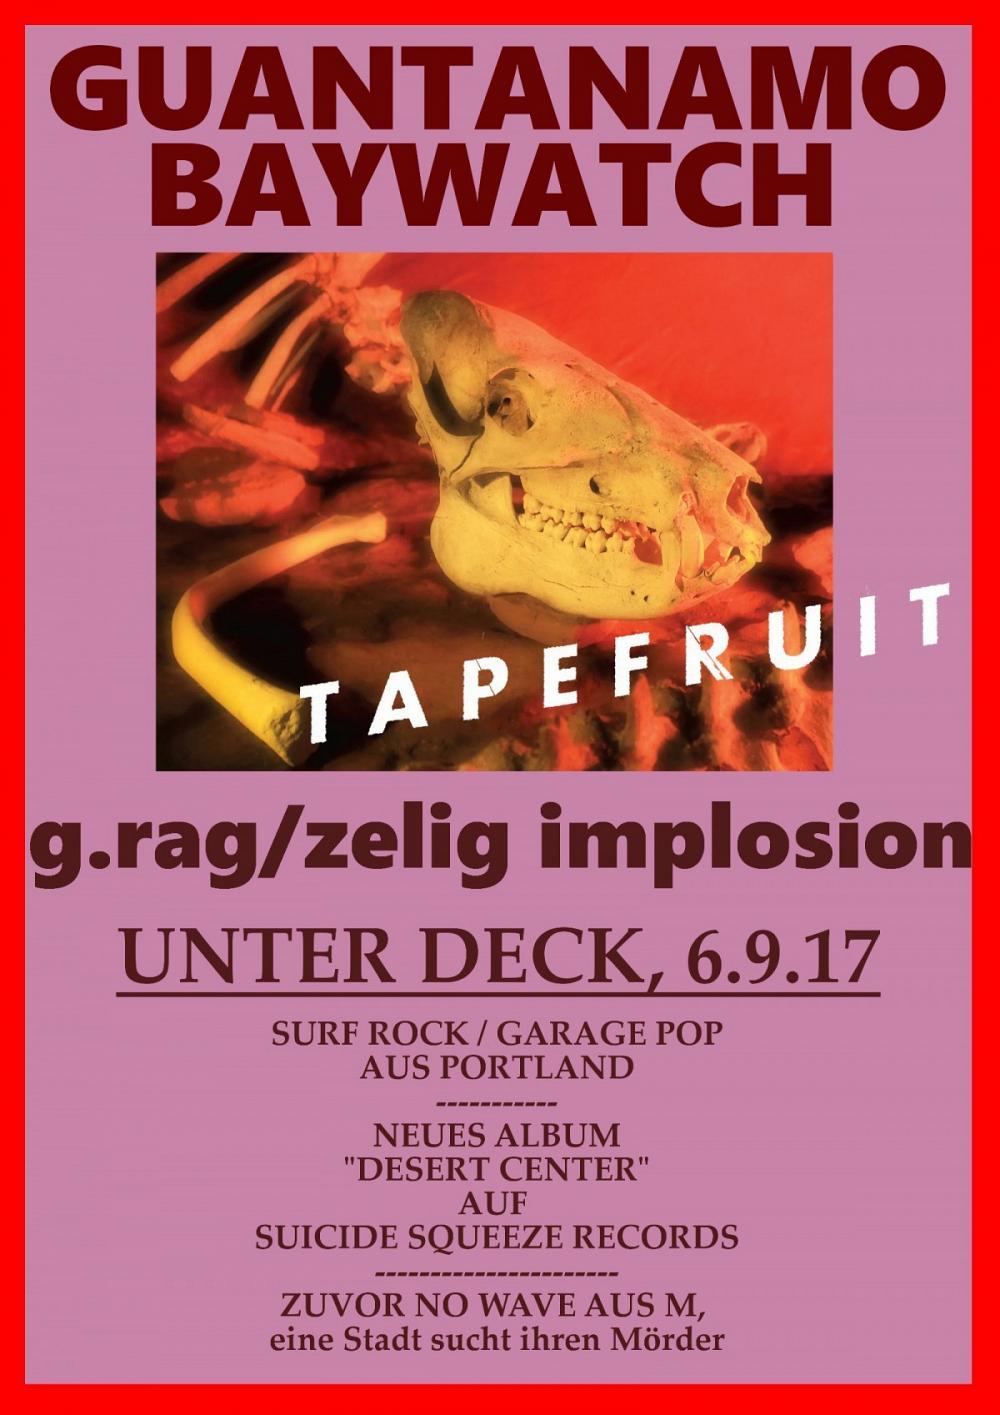 Tapefruit Konzert: Guantanamo Baywatch + g.rag / zelig implosion | 06.09.2017 @ Unter Deck